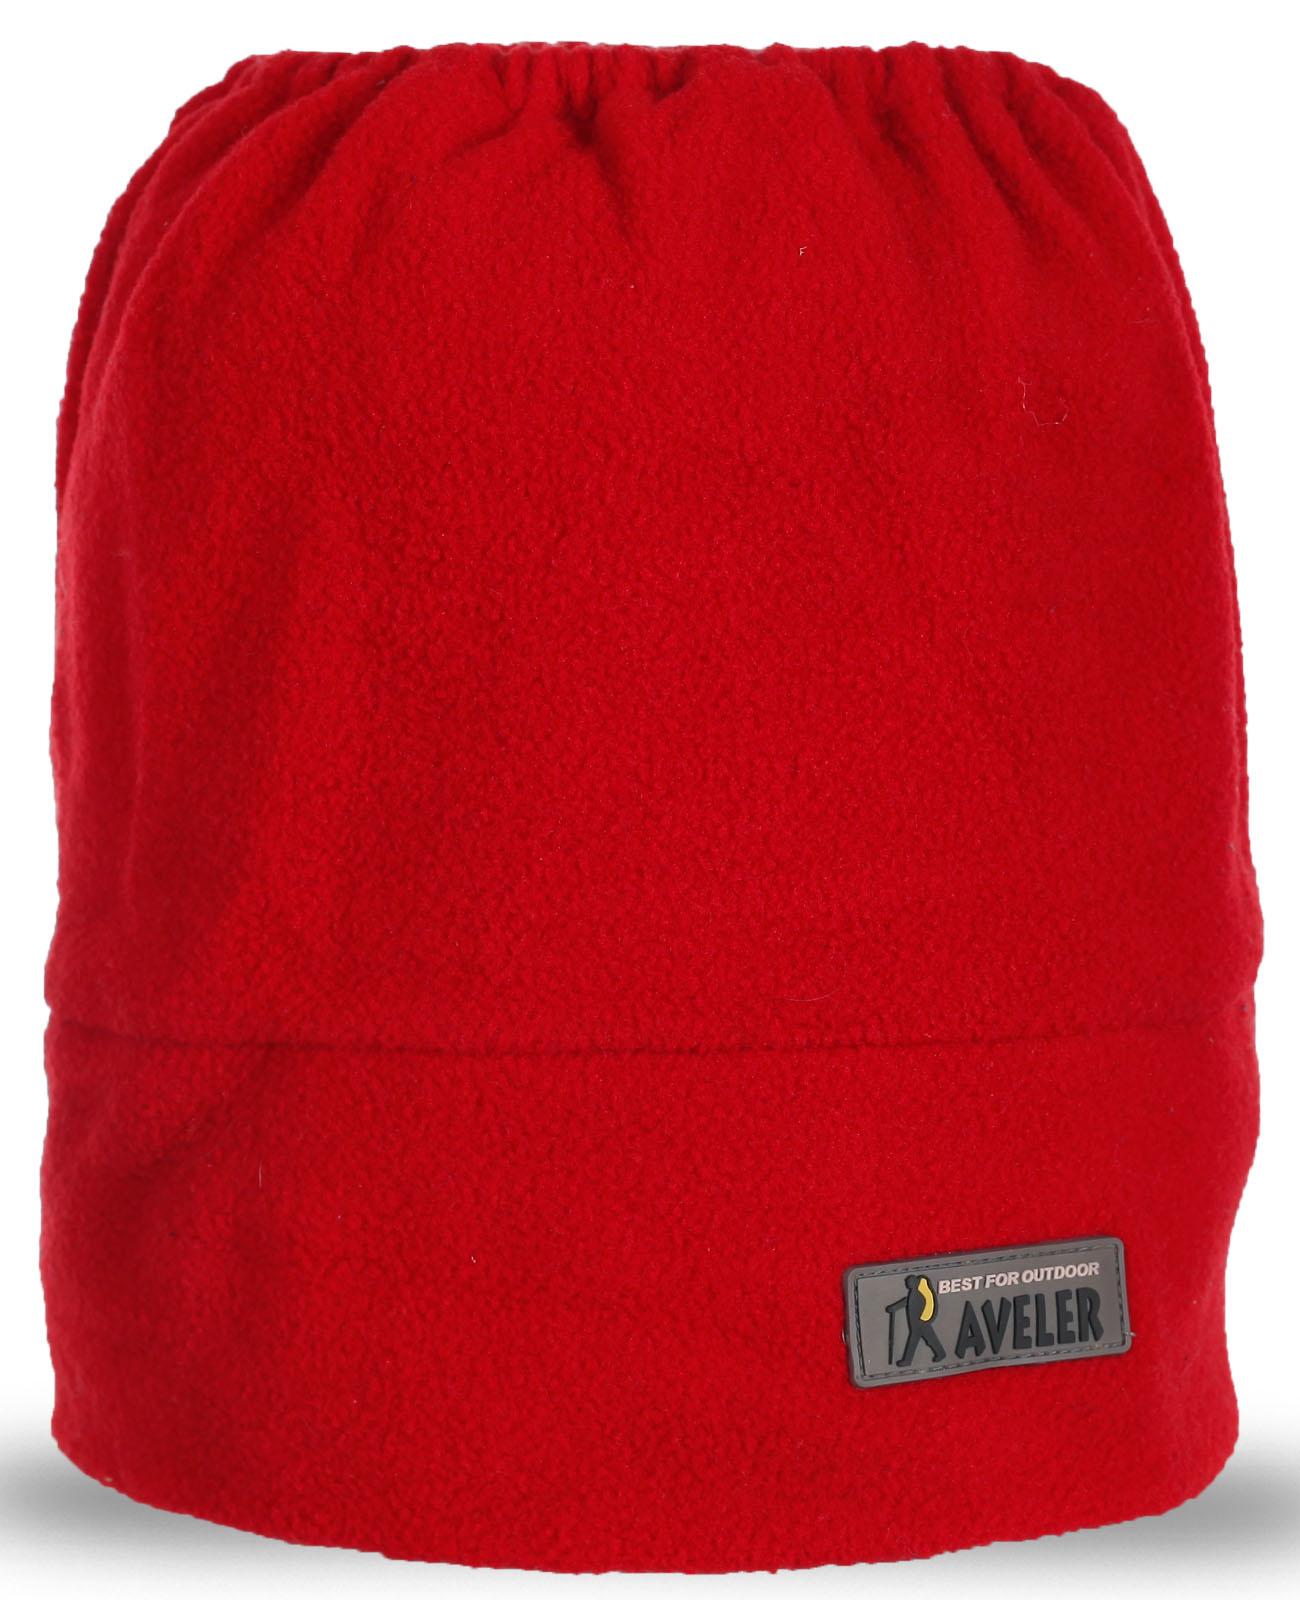 Красный горловик Aveler. Очень теплый и практичный. Ограниченная серия, скорее заказывай!